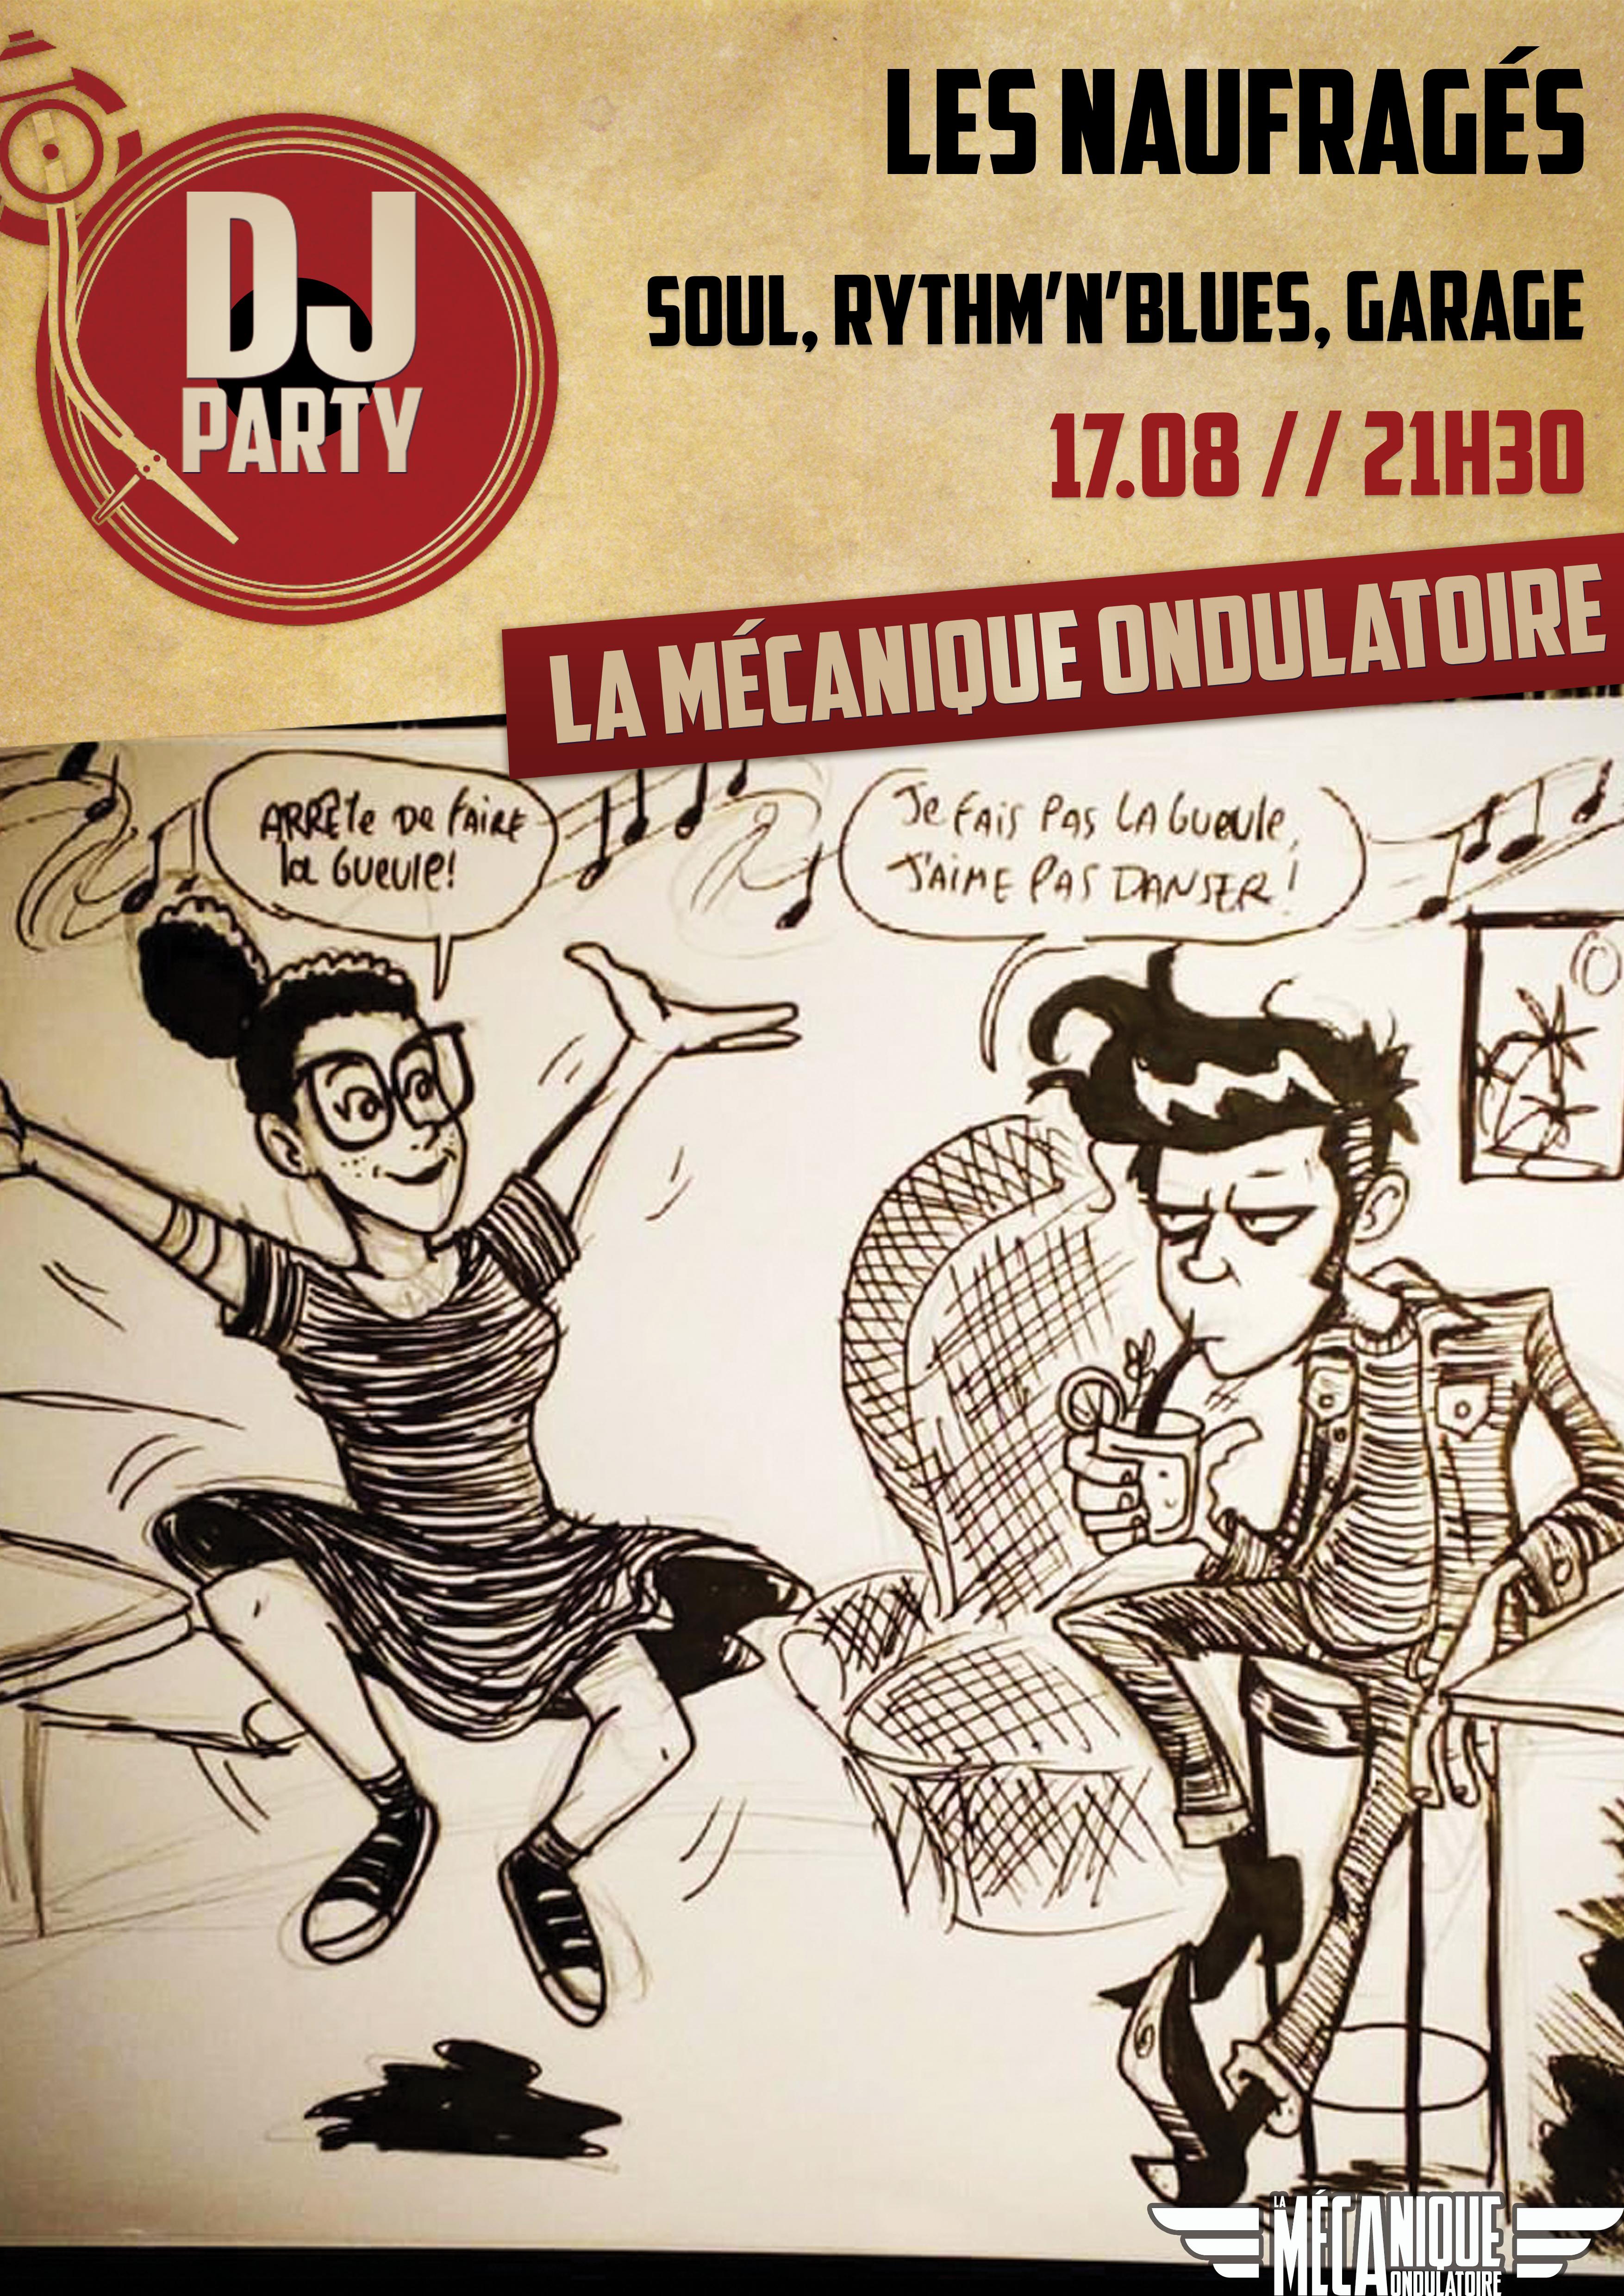 Les Naufragés // 17.08